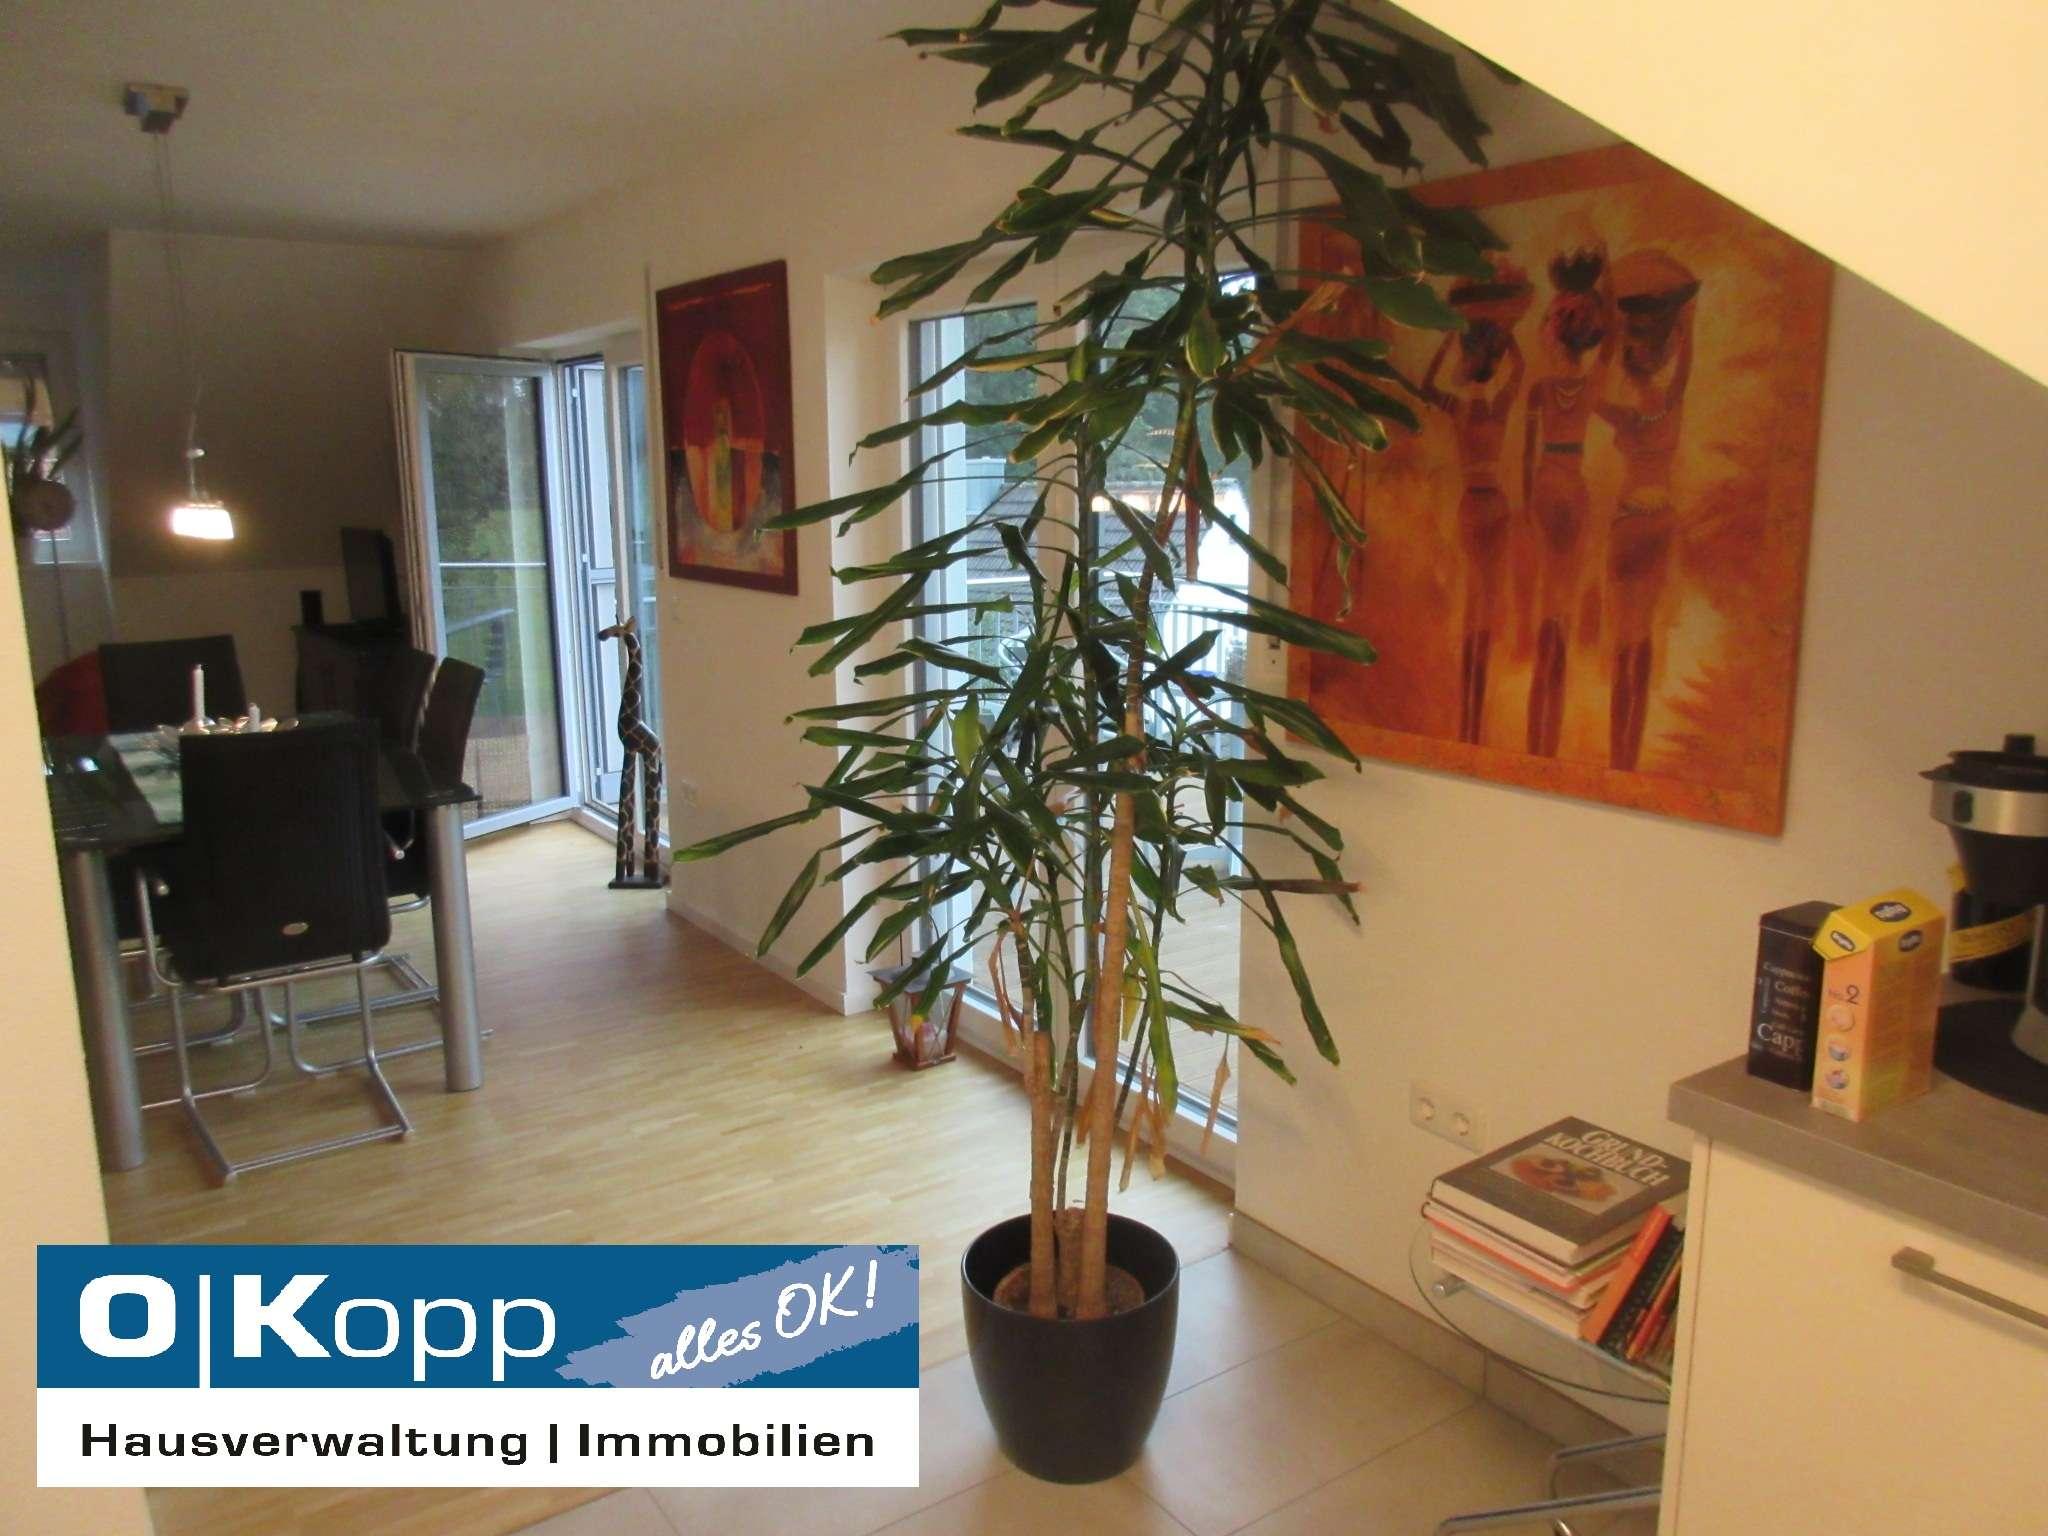 ..wie neu!! attraktive Dachgeschoß - Wohnung sucht neuen Mieter...! in Allershausen